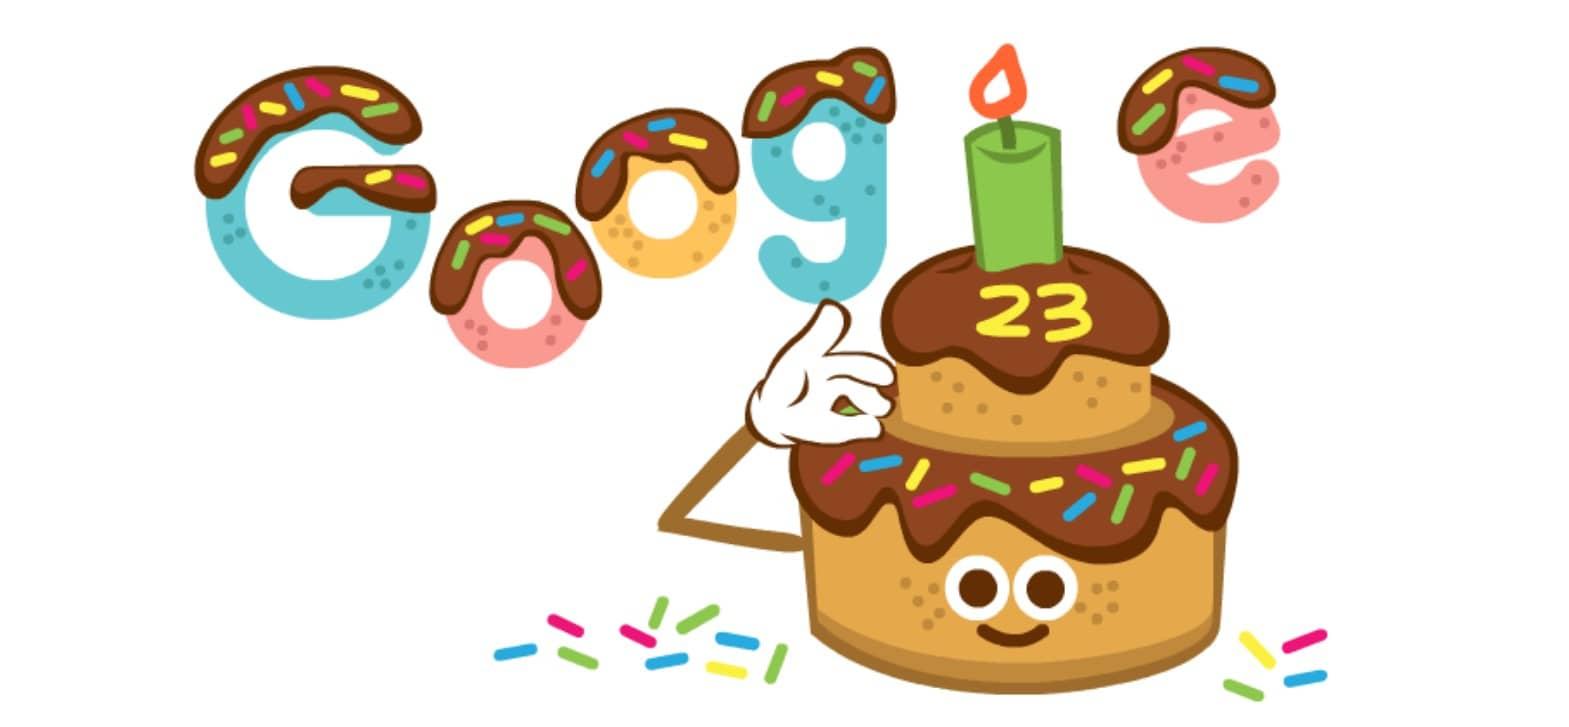 Anniversaire Doodle Google 23 ans